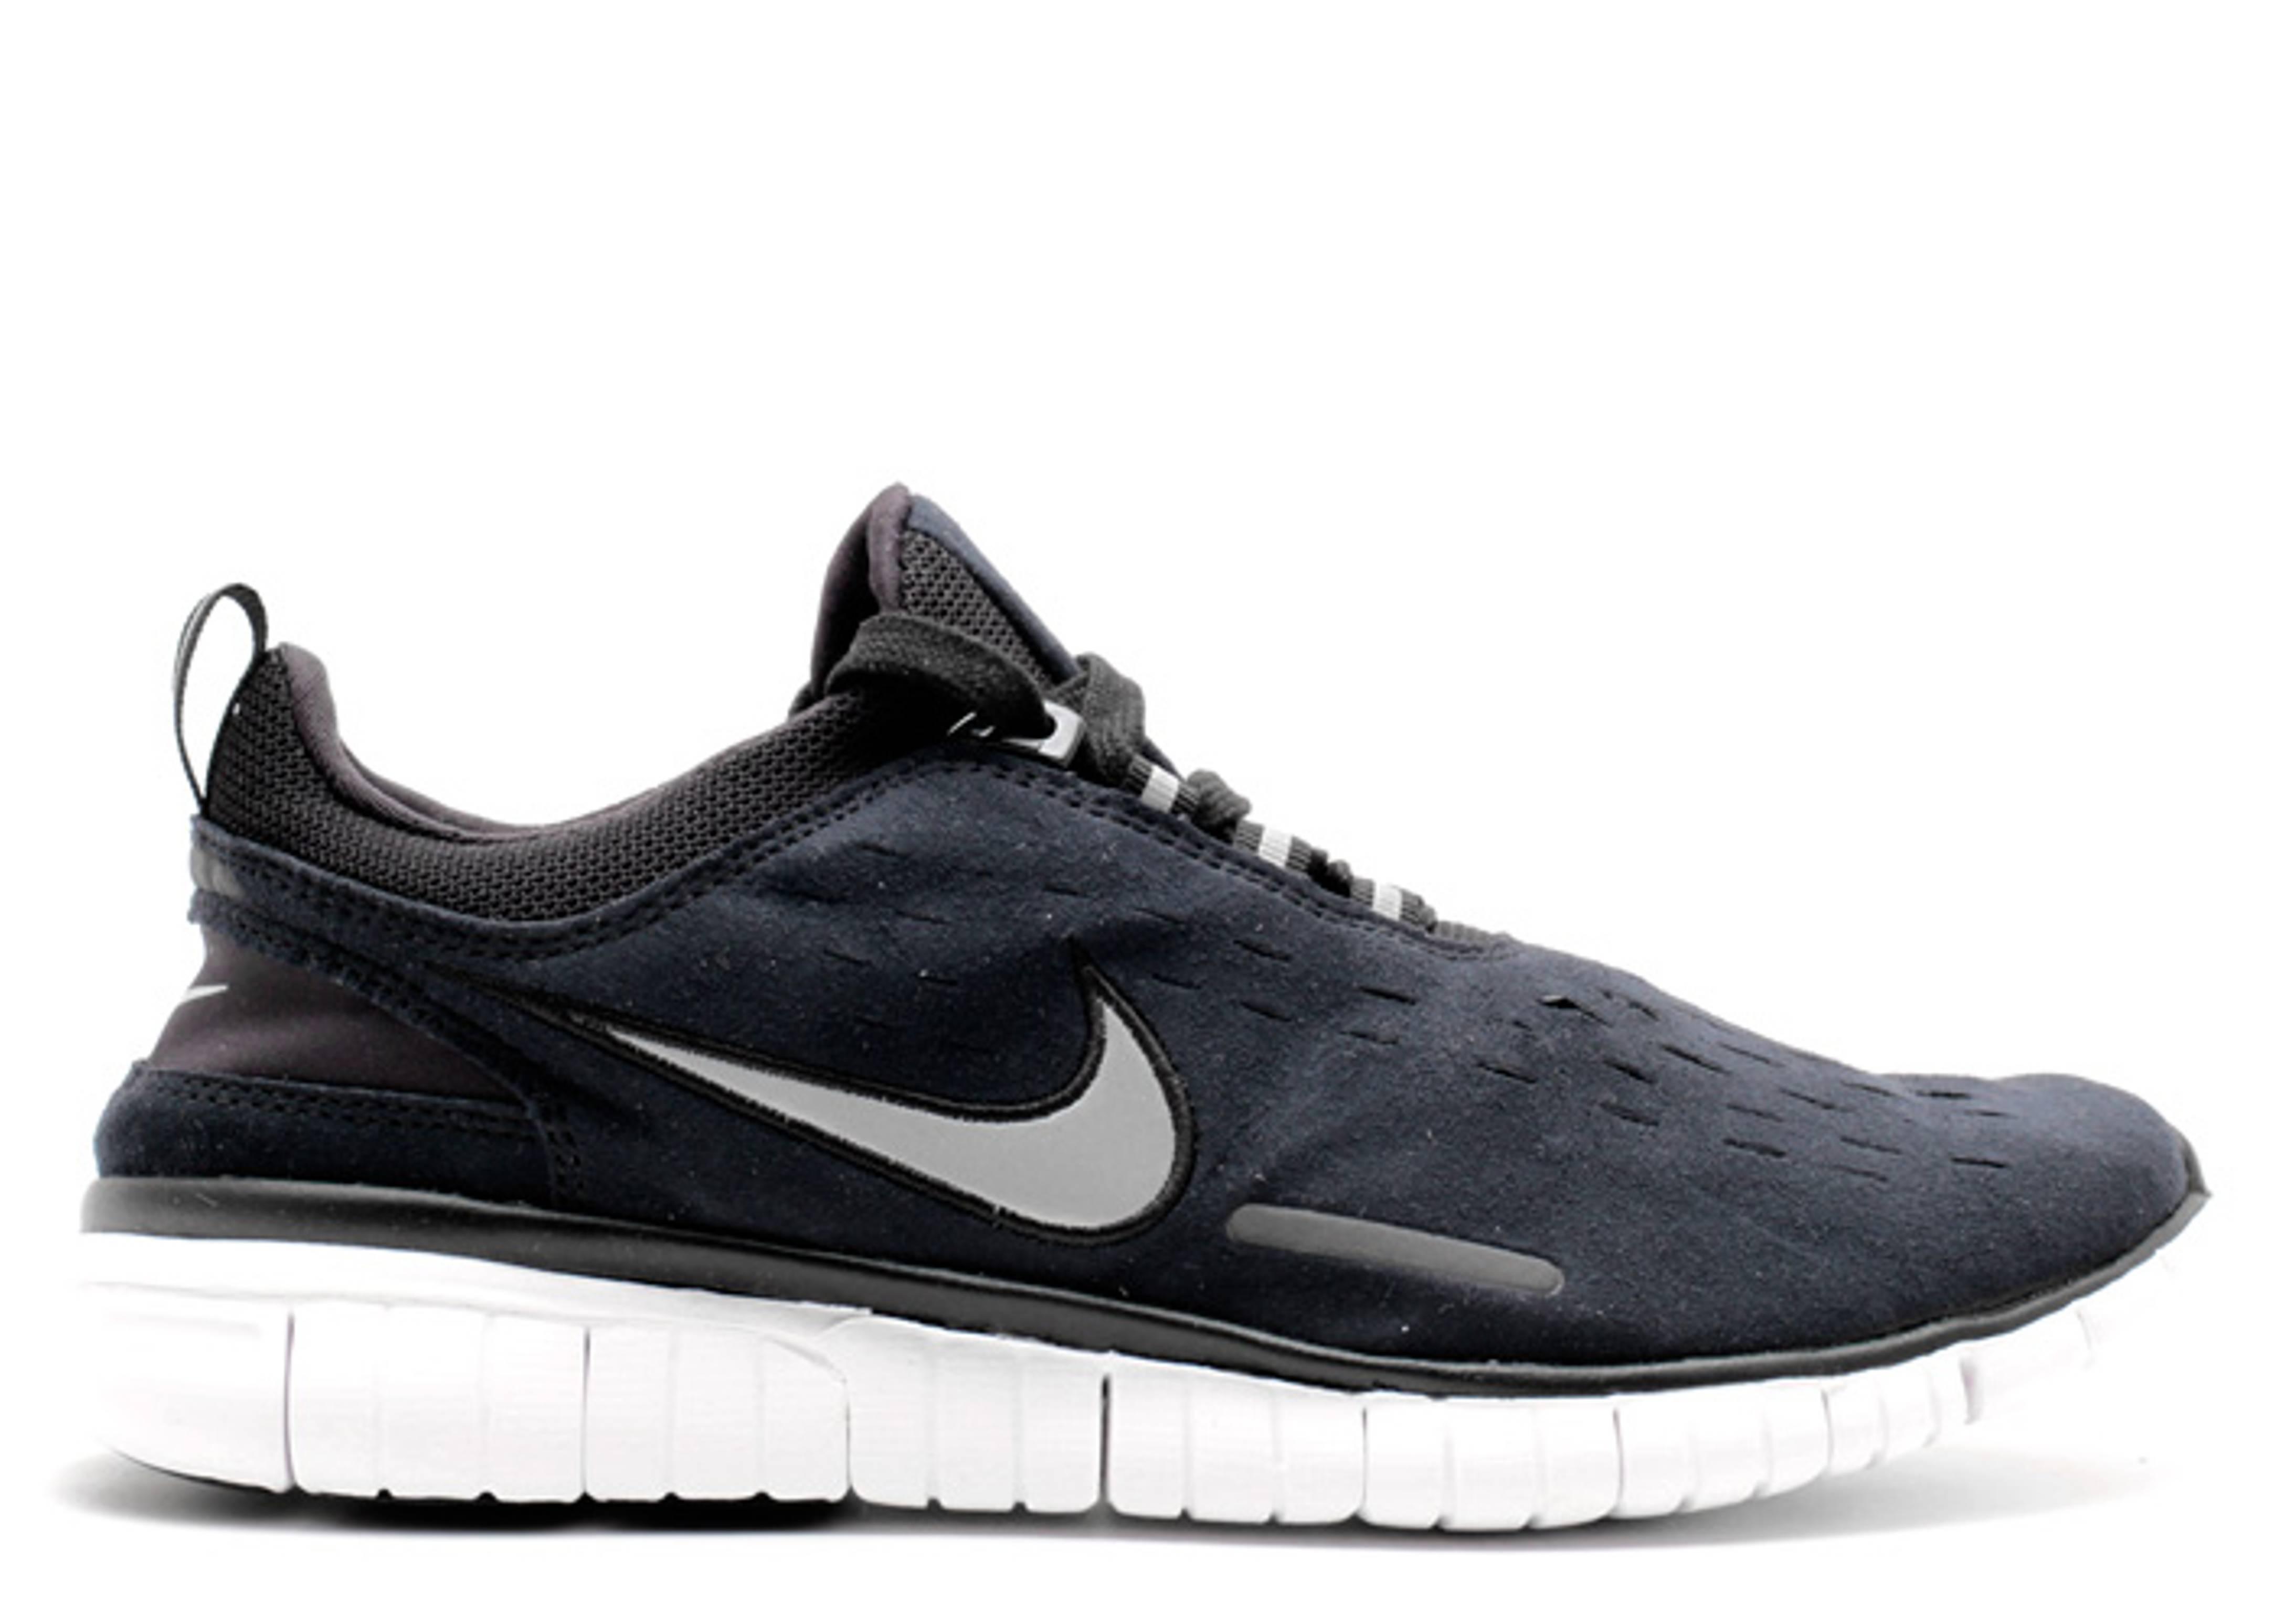 Nike Air Jordan I 1 OG Knicks Nike Air 2013 Size 9